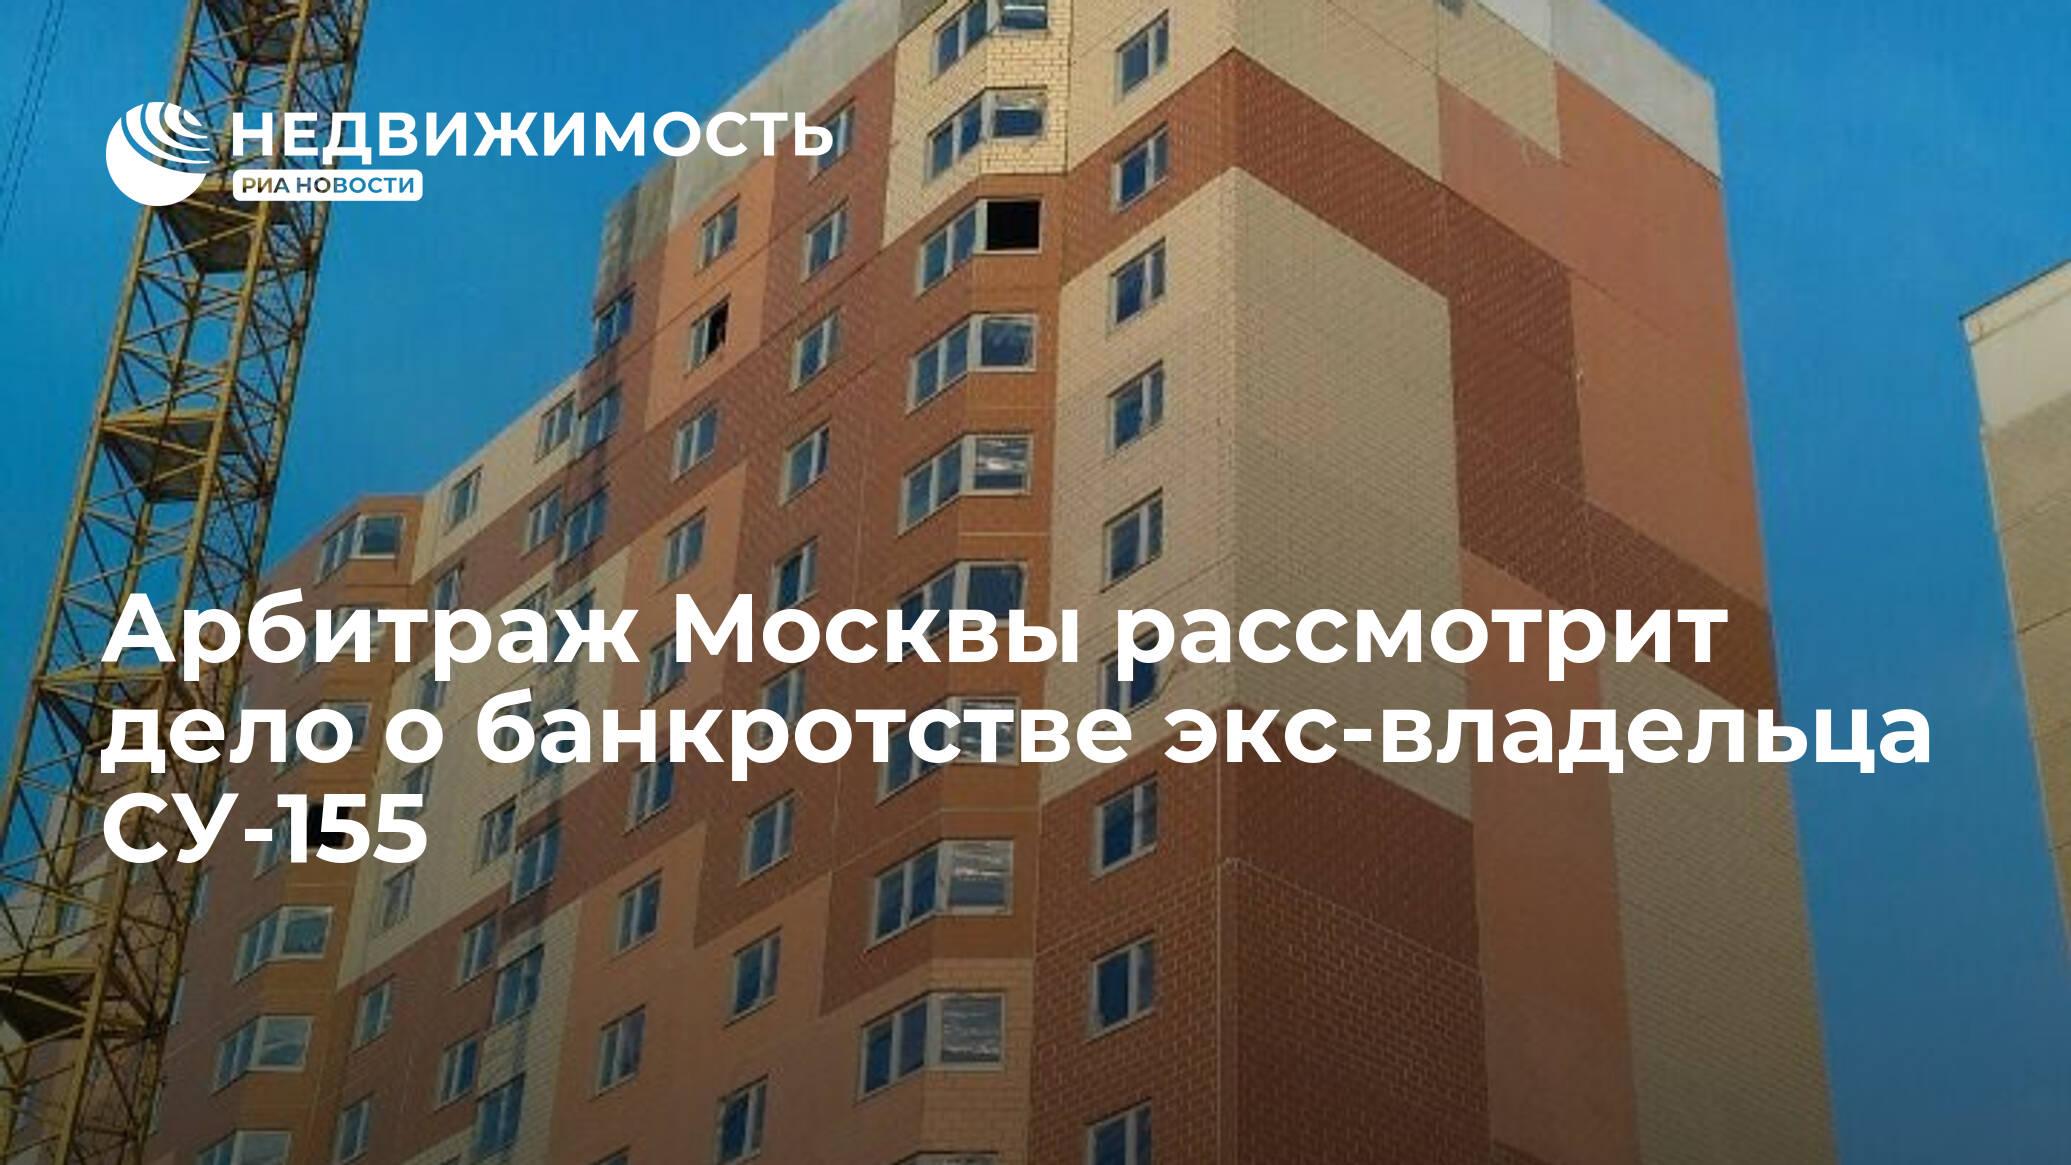 арбитражный суд московской области банкротство су 155